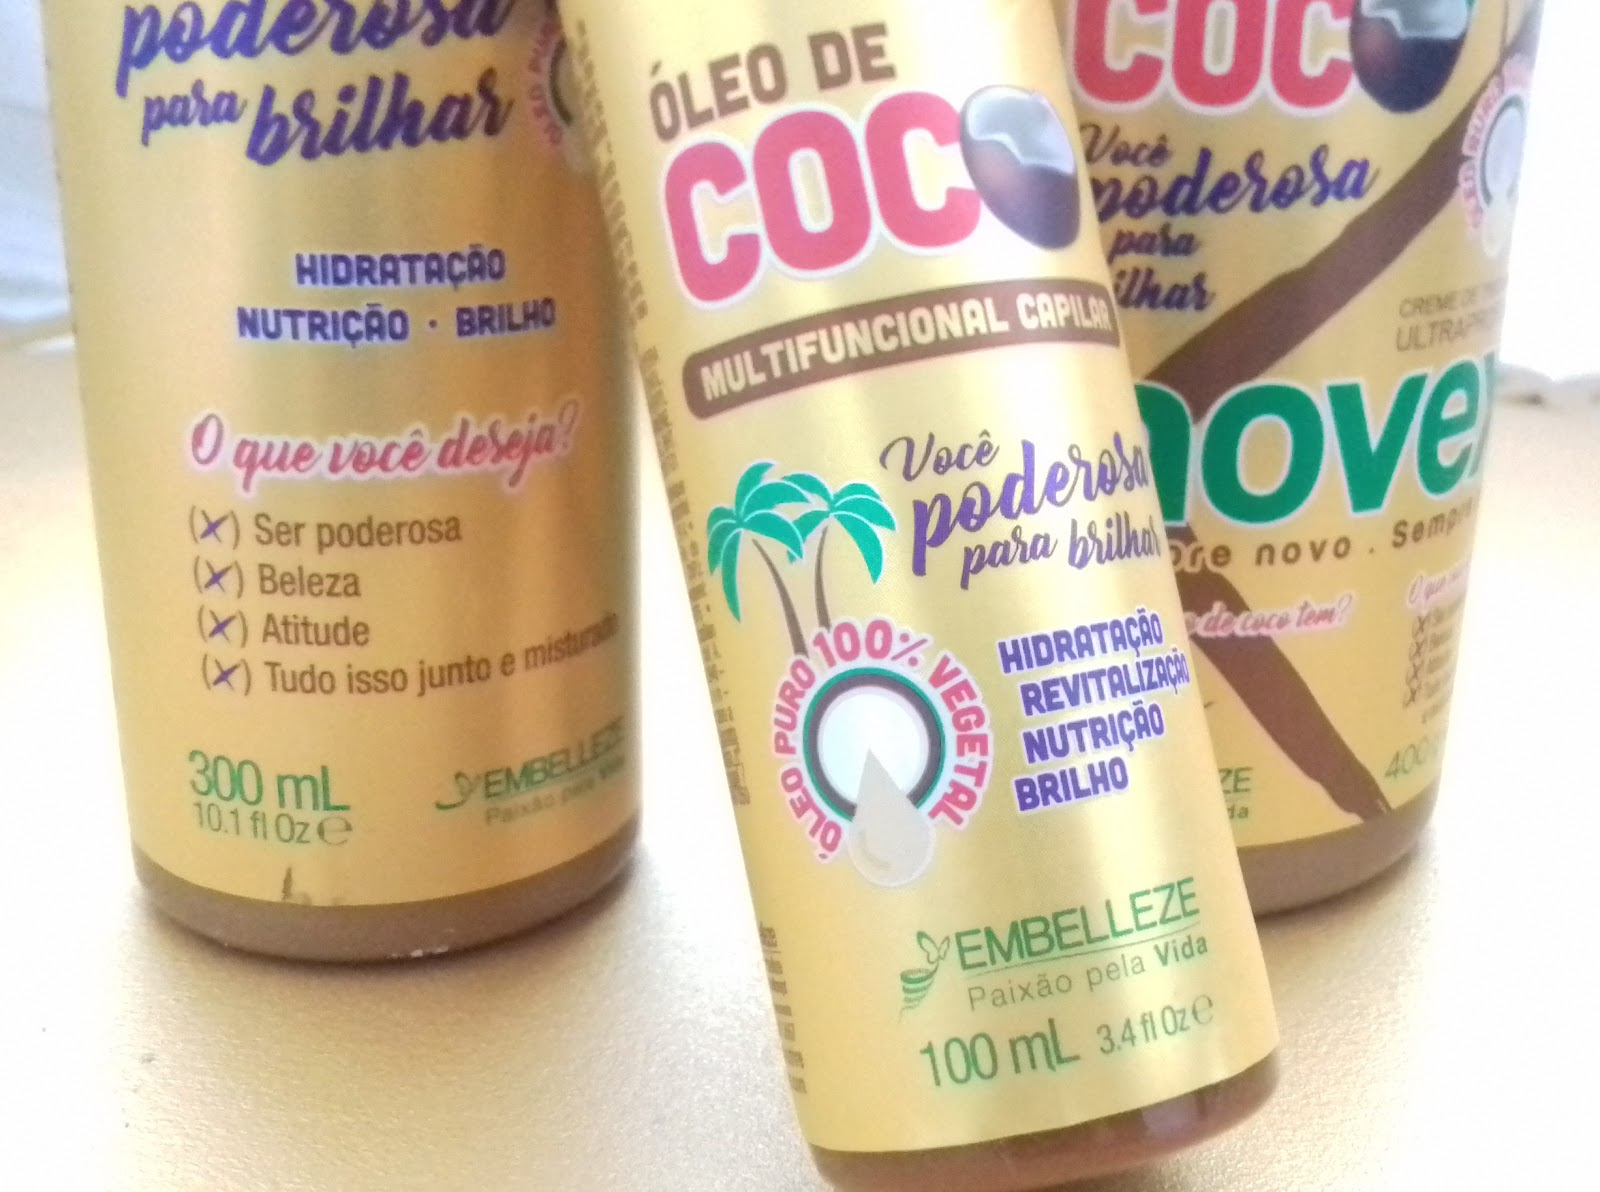 Oleo de coco embelleze - belanaselfie 2